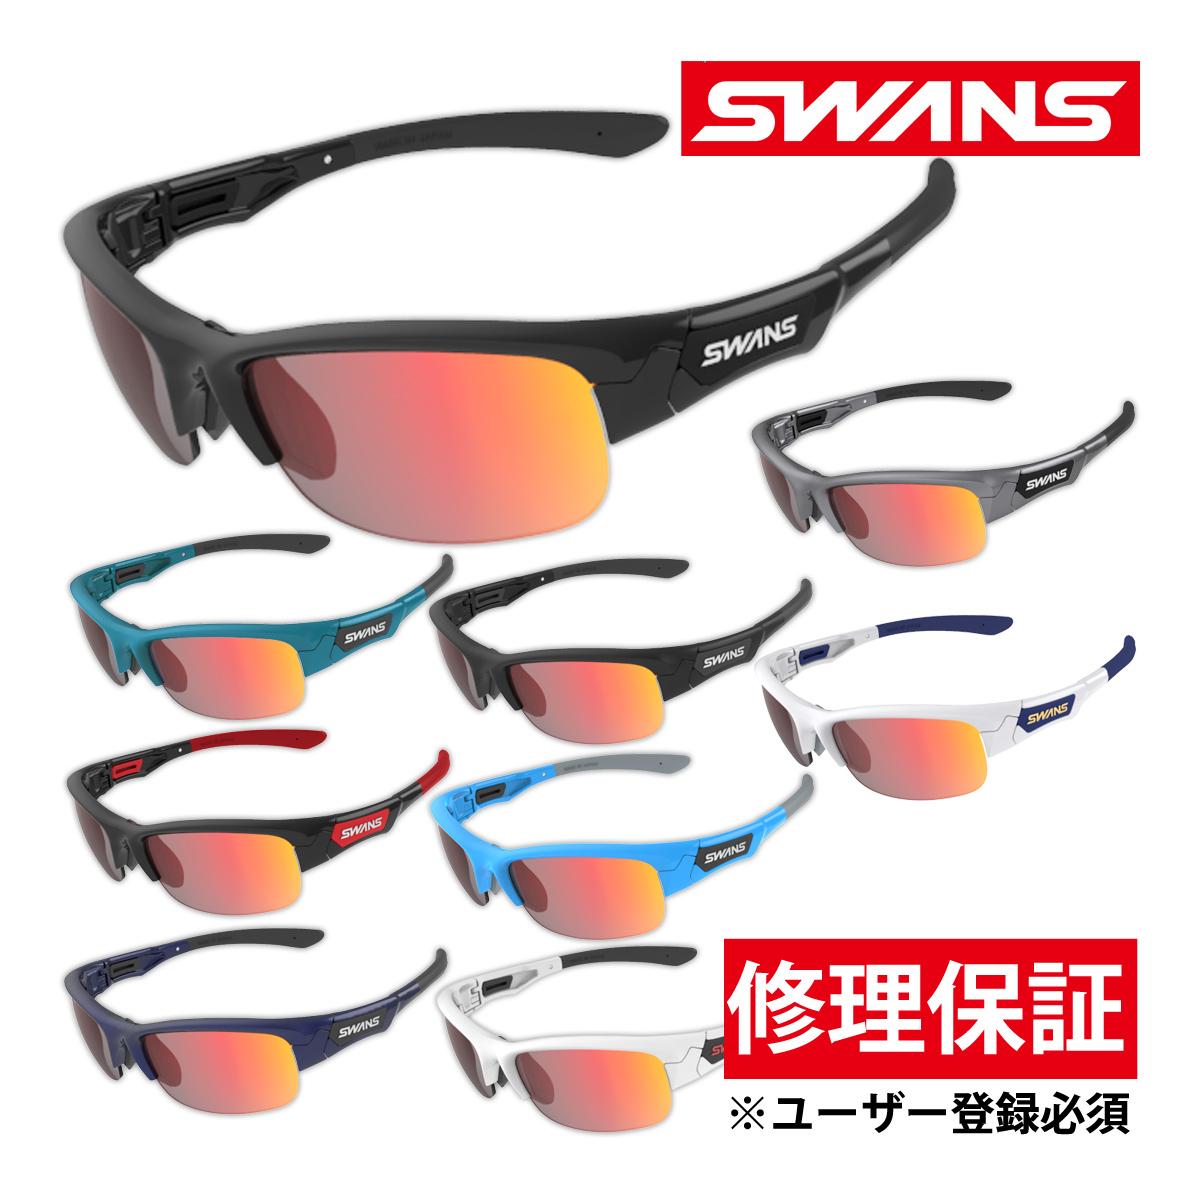 サングラス ミラーレンズ レッドシャドーミラー×スモーク ドライブ ゴルフ スポーツ メンズ レディース SPRINGBOK フレーム+L-SPB-1701 RSHD おすすめ 人気 SWANS スワンズ